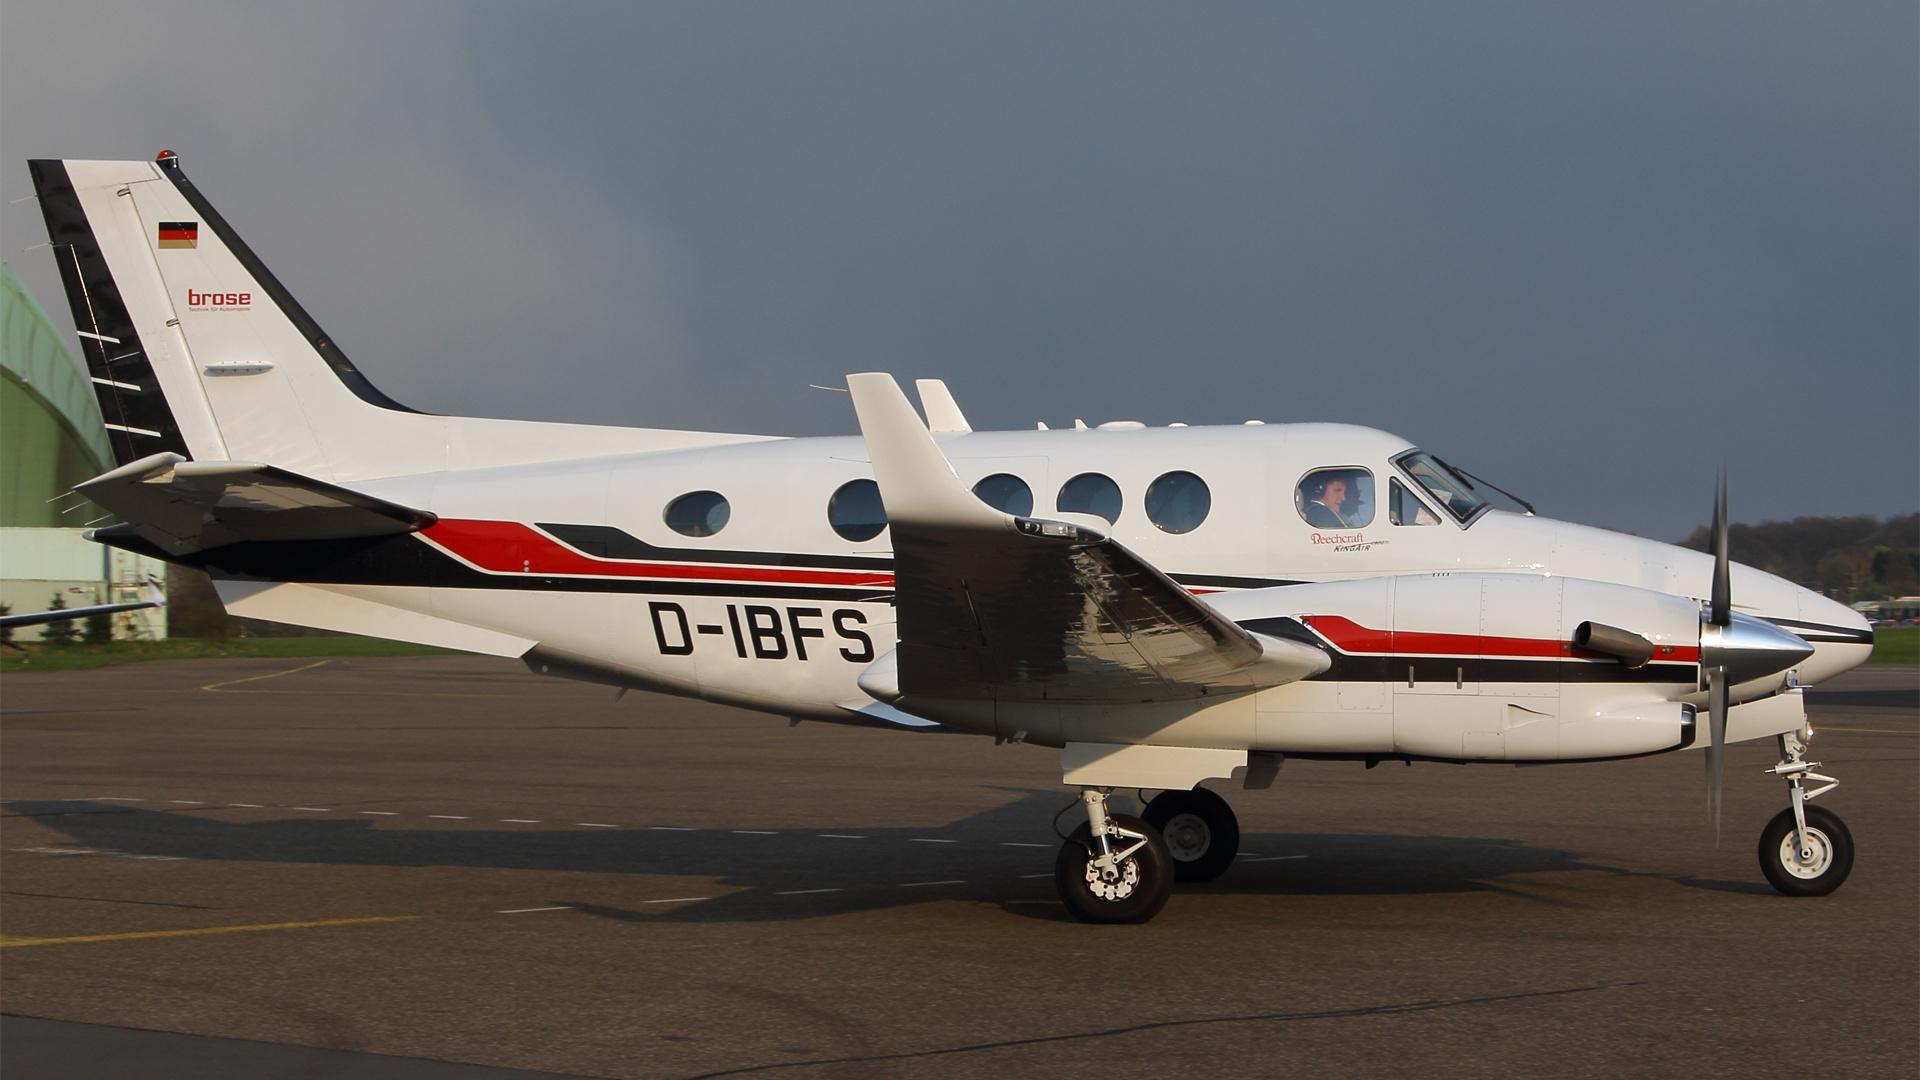 D-IBFS-1 B90 ESS 201403